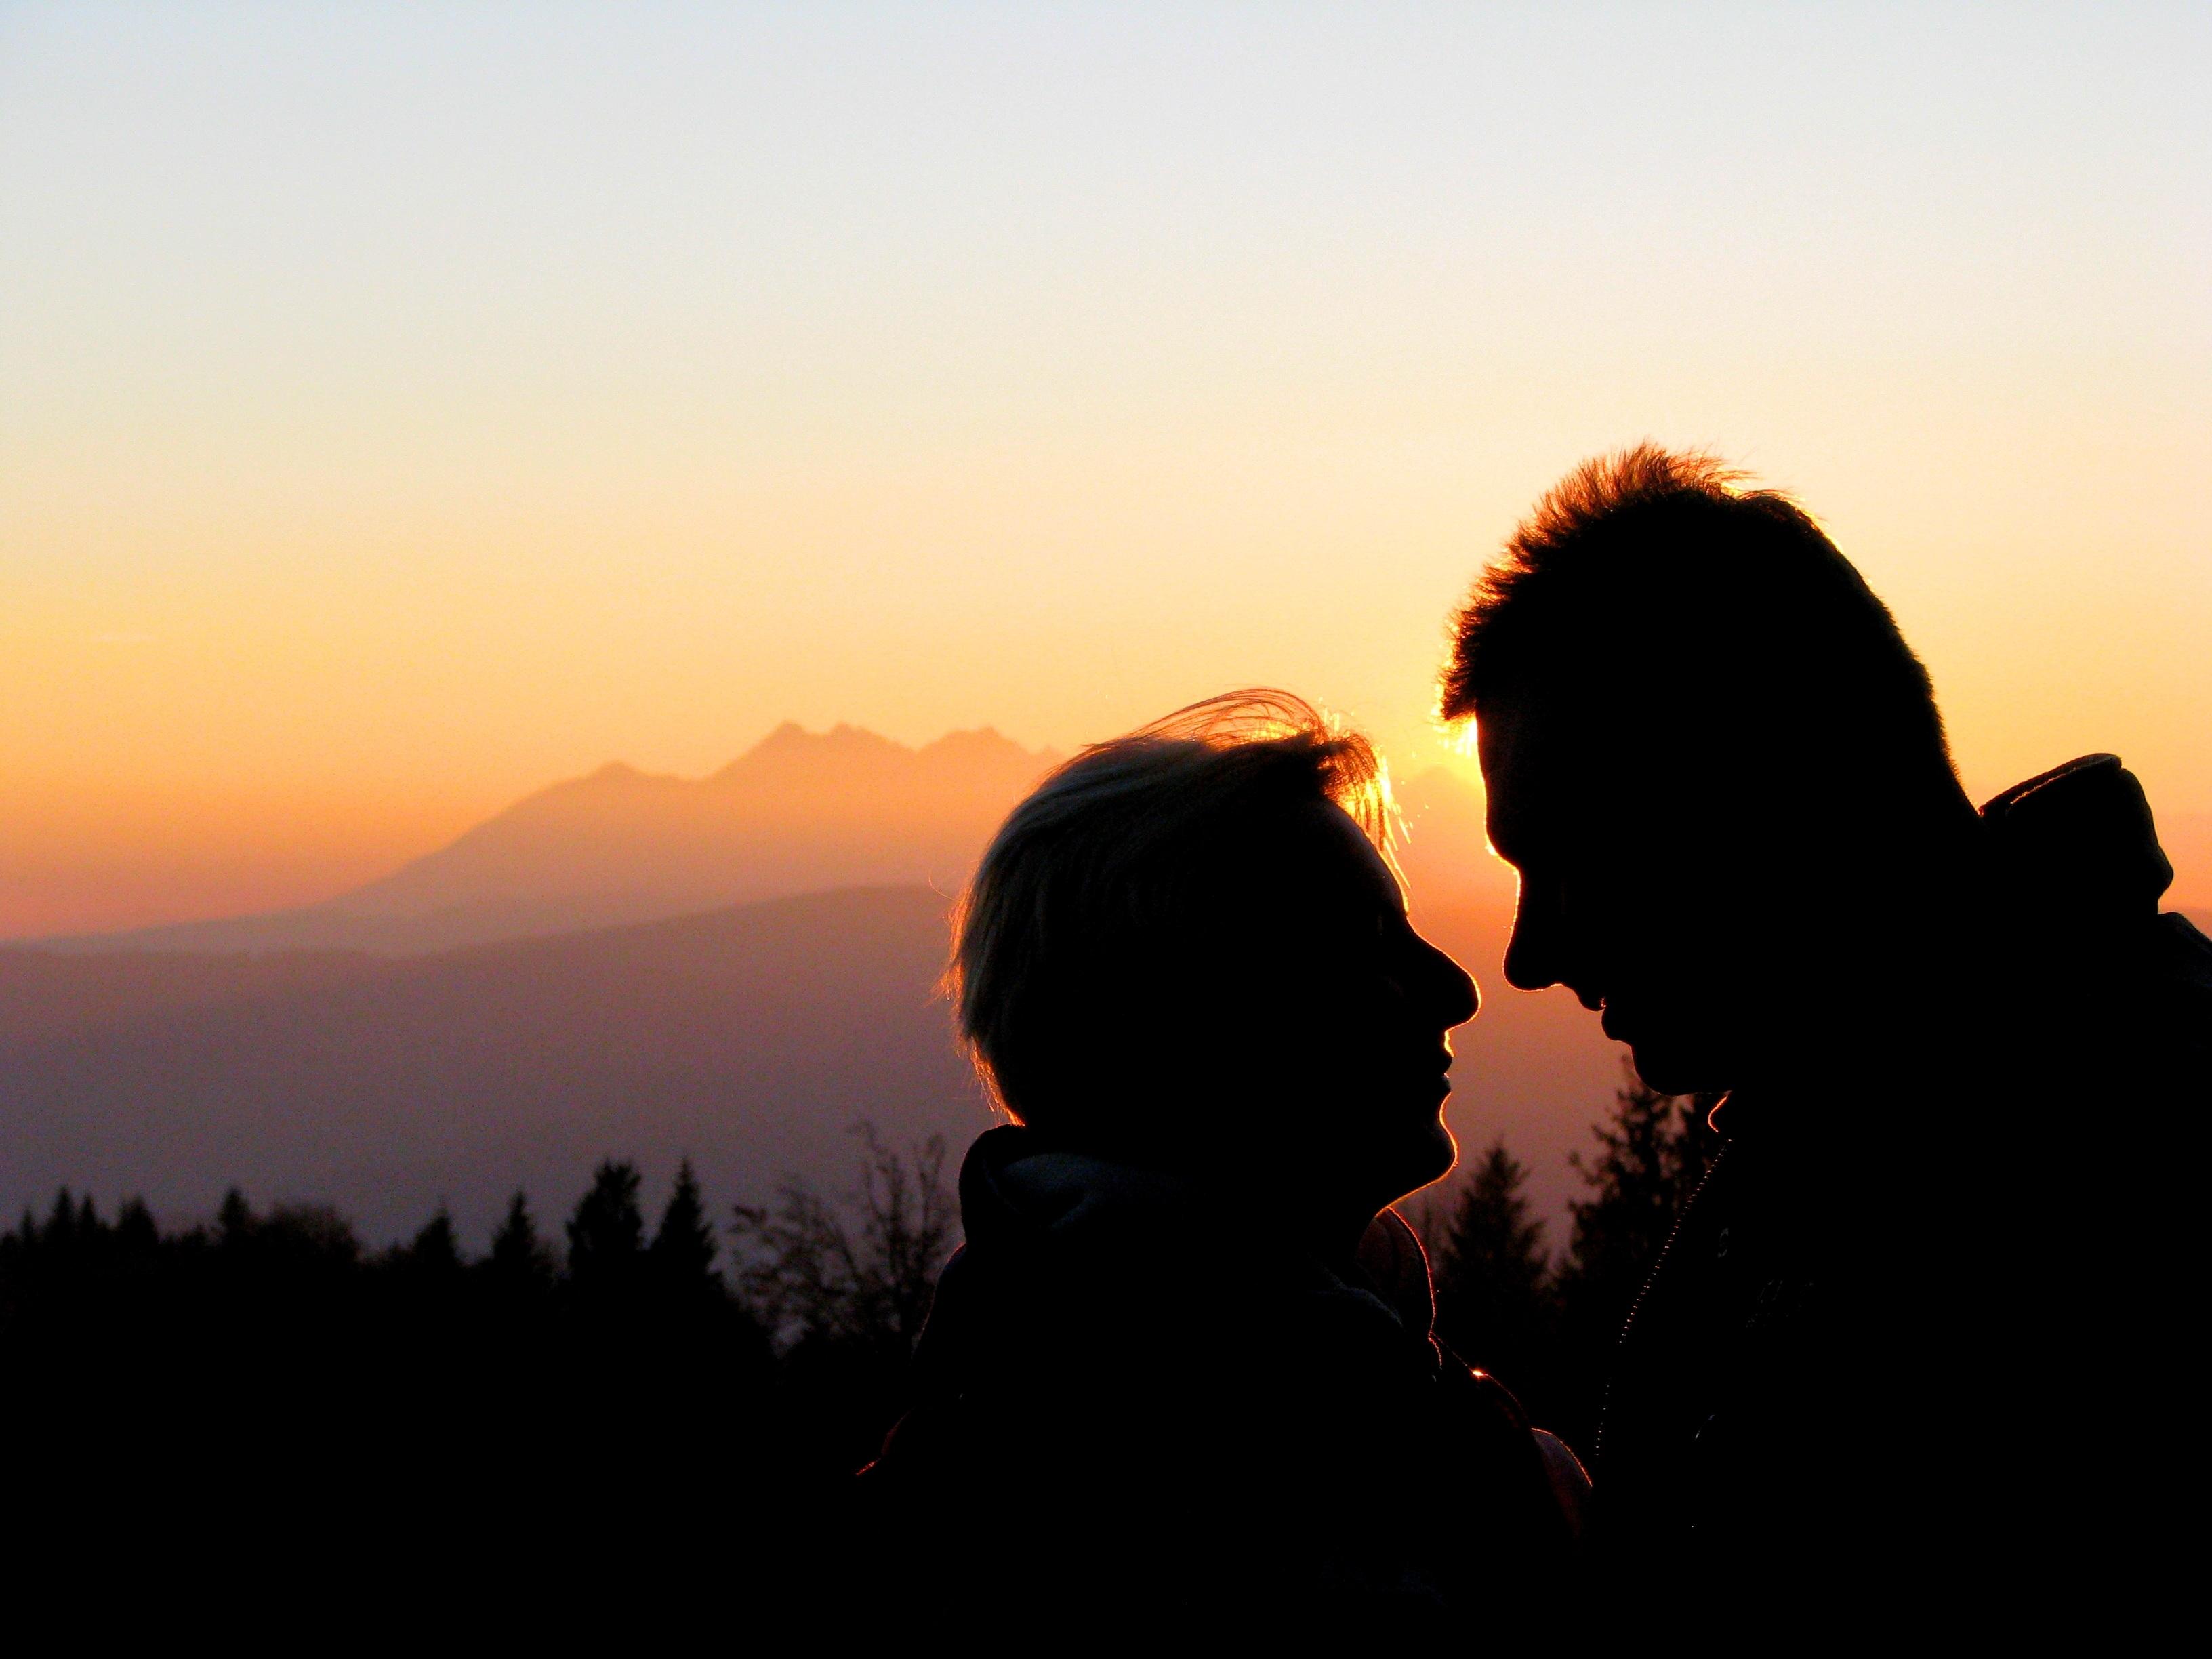 Top 10 spiritual dating sites